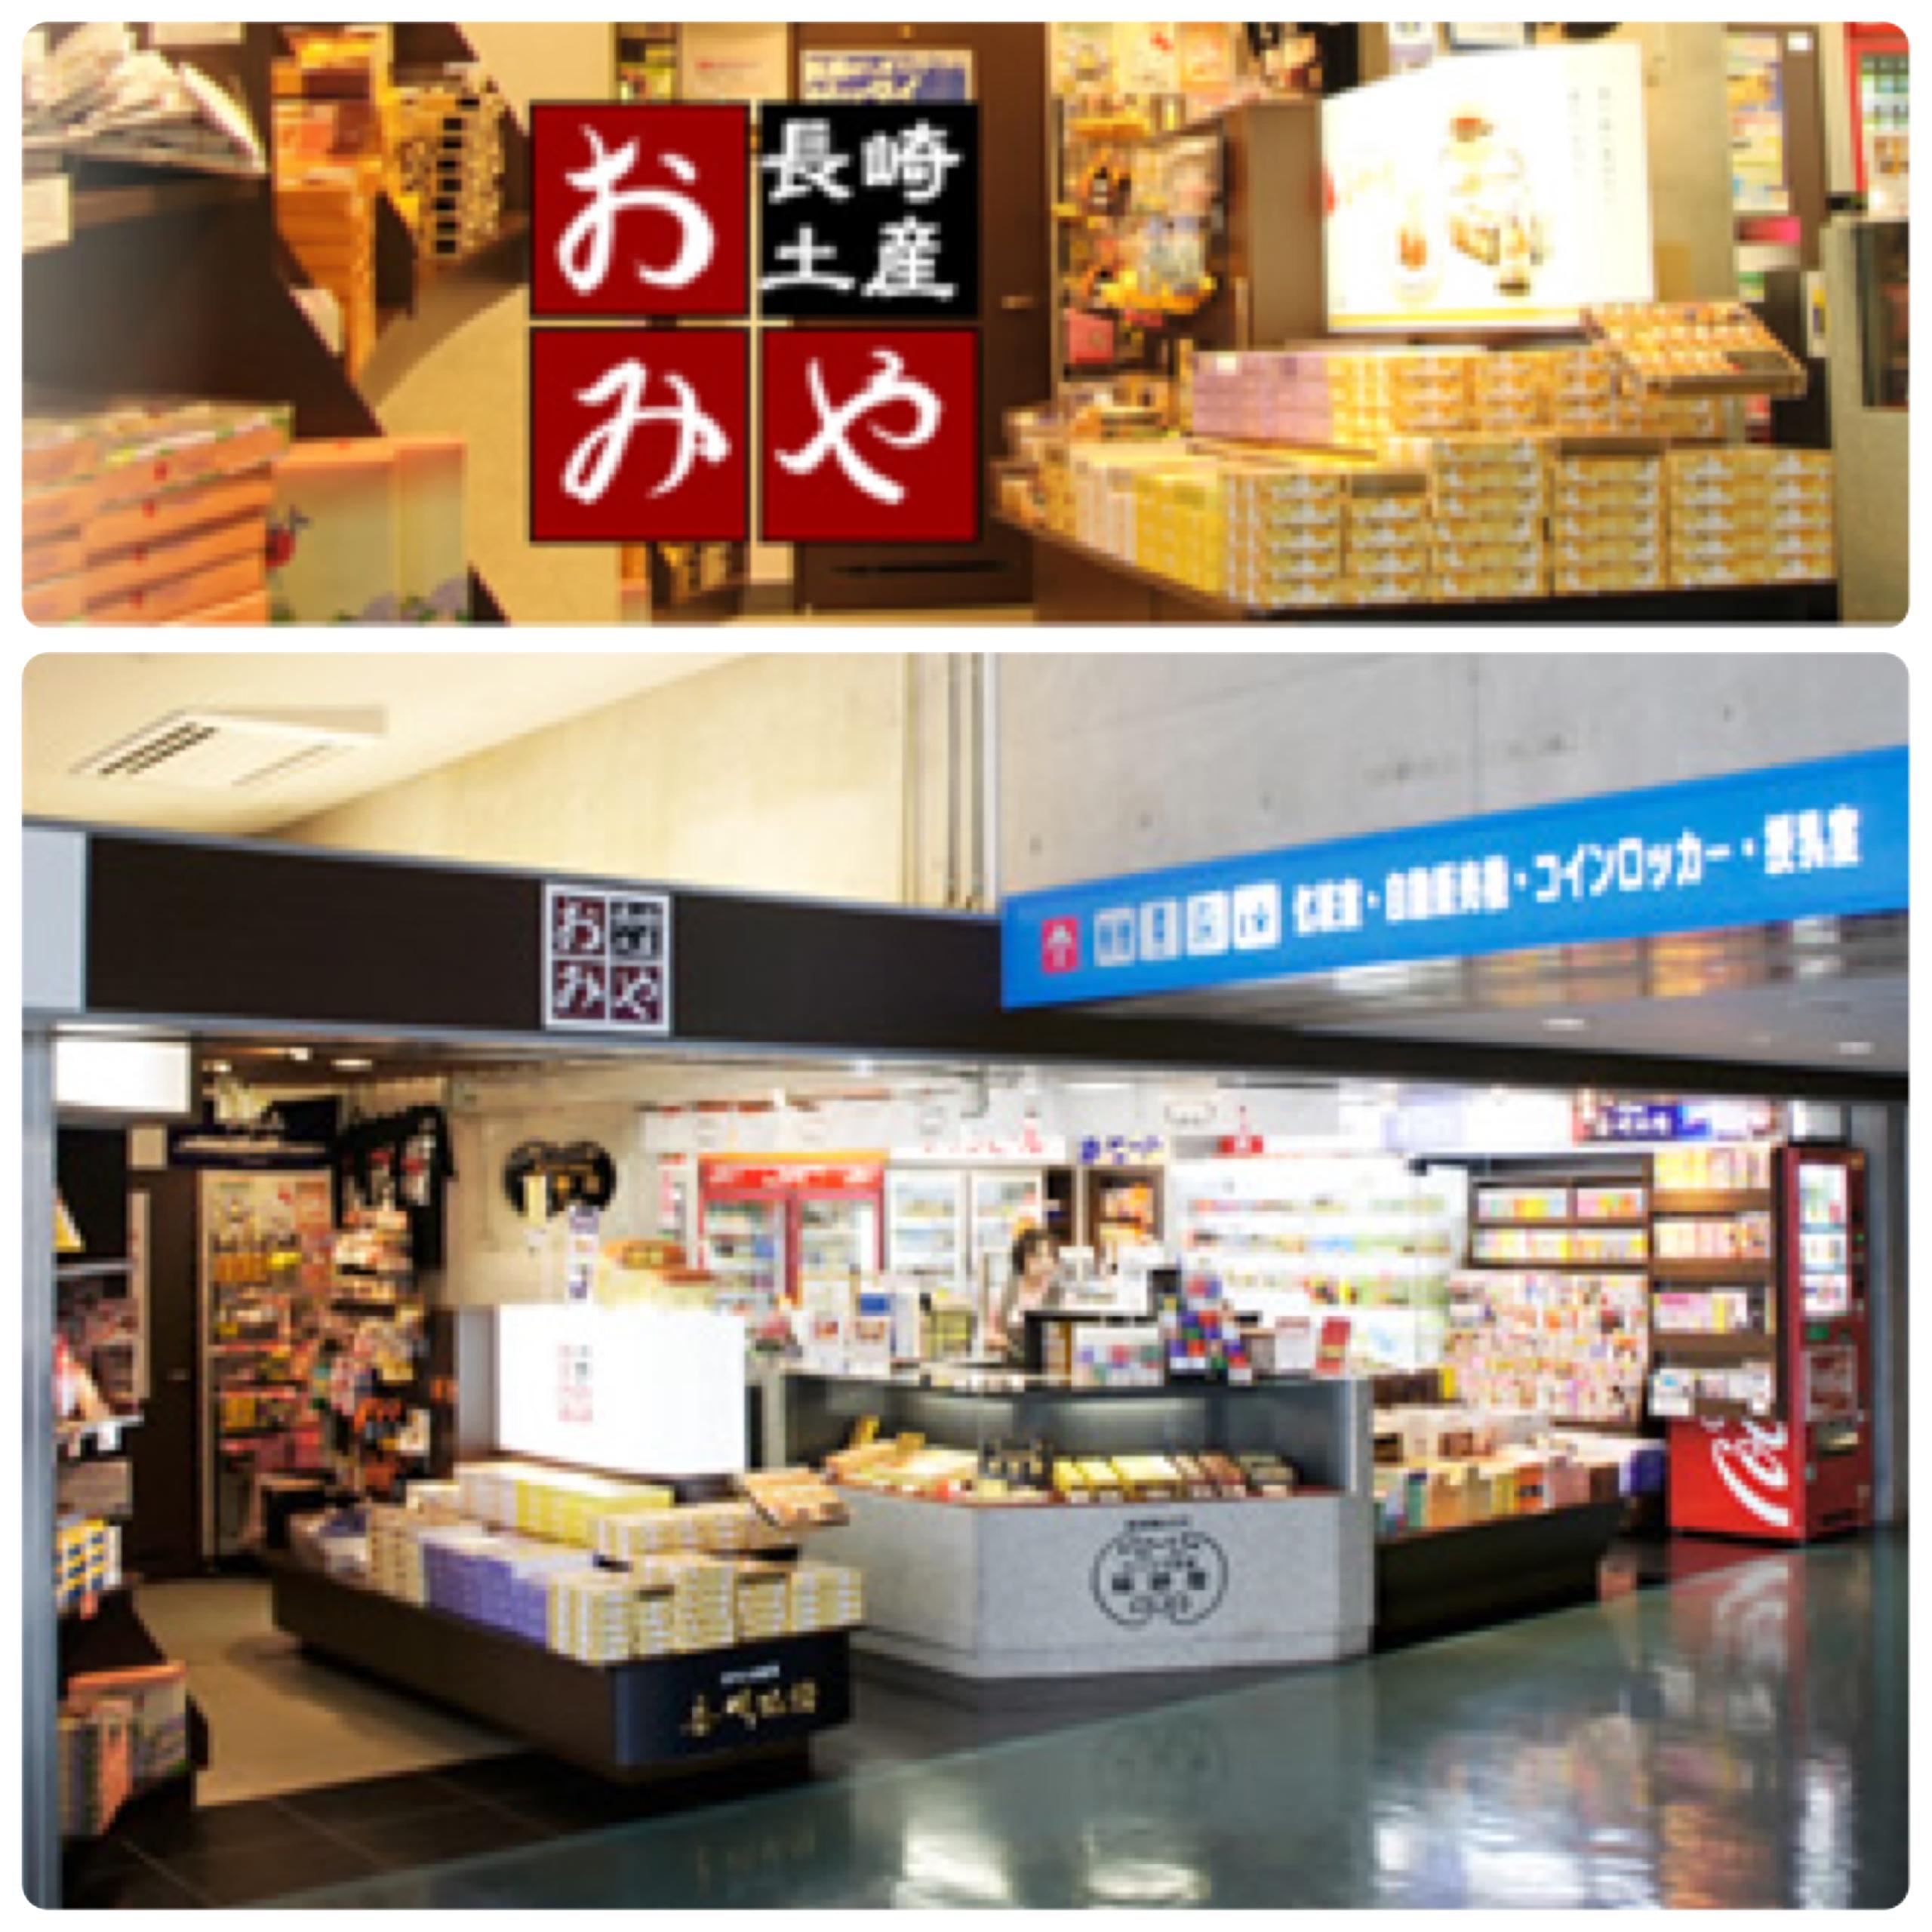 【長崎土産おみや】には、長崎の名産品がいっぱい!